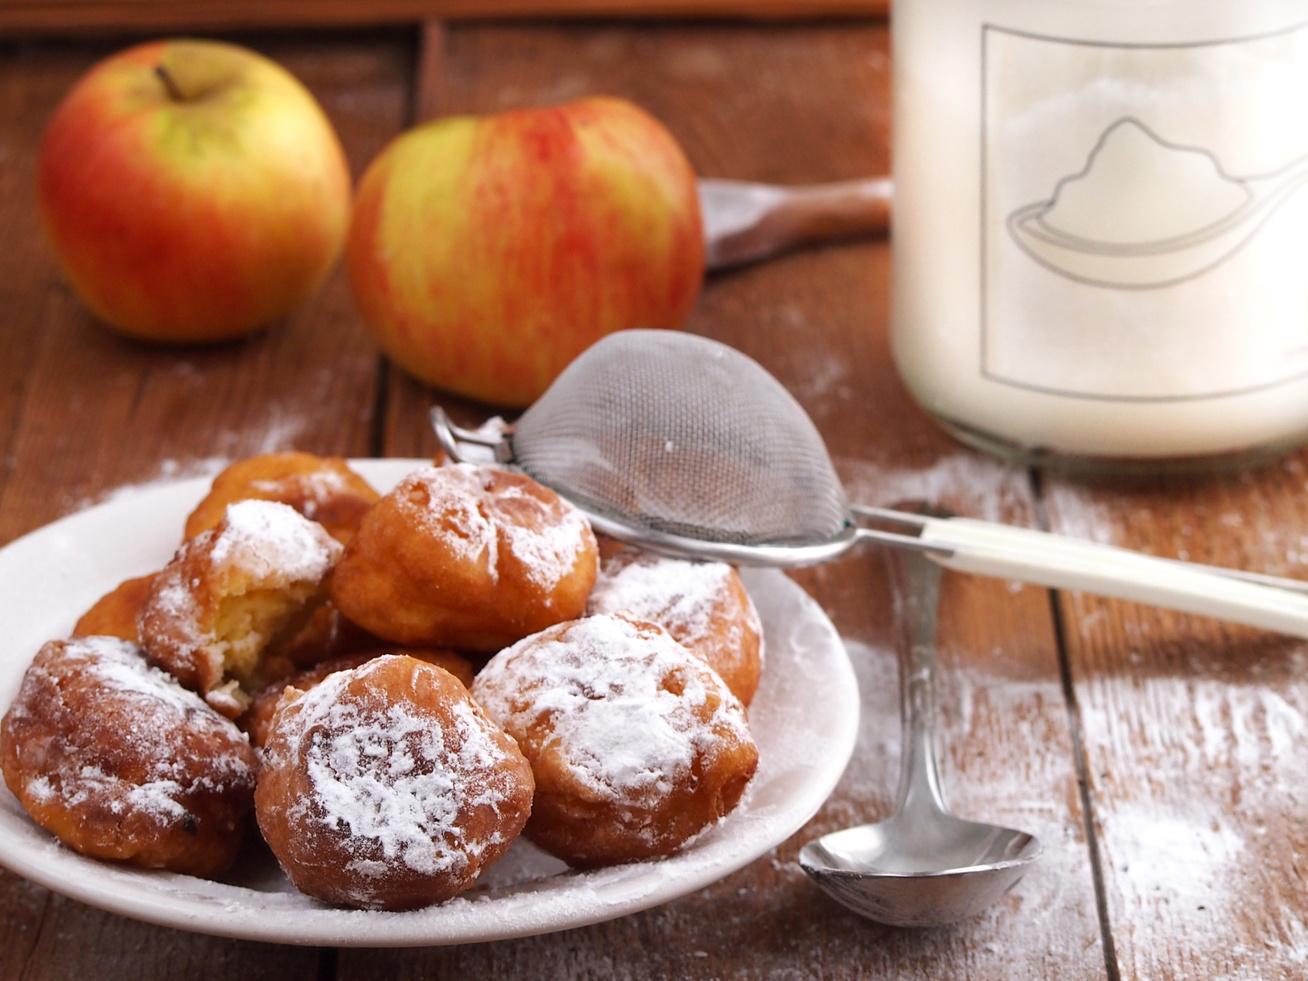 Pofonegyszerű és olcsó, fahéjas almafánk: kezdőknek is tökéletes lesz